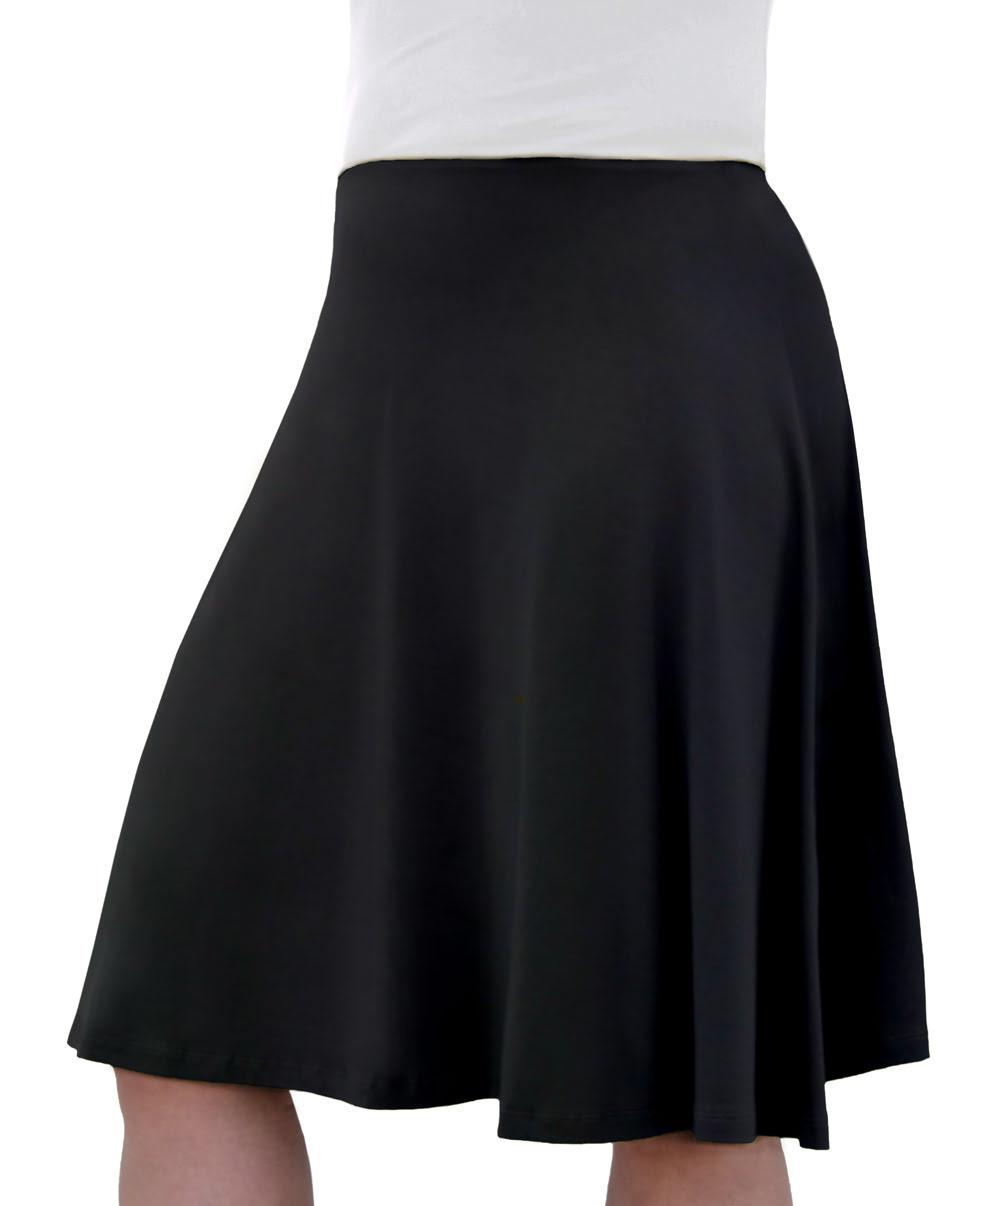 Buy Girls Modest Skirts. - Girls Modest Clothing. Modern, Yet ...